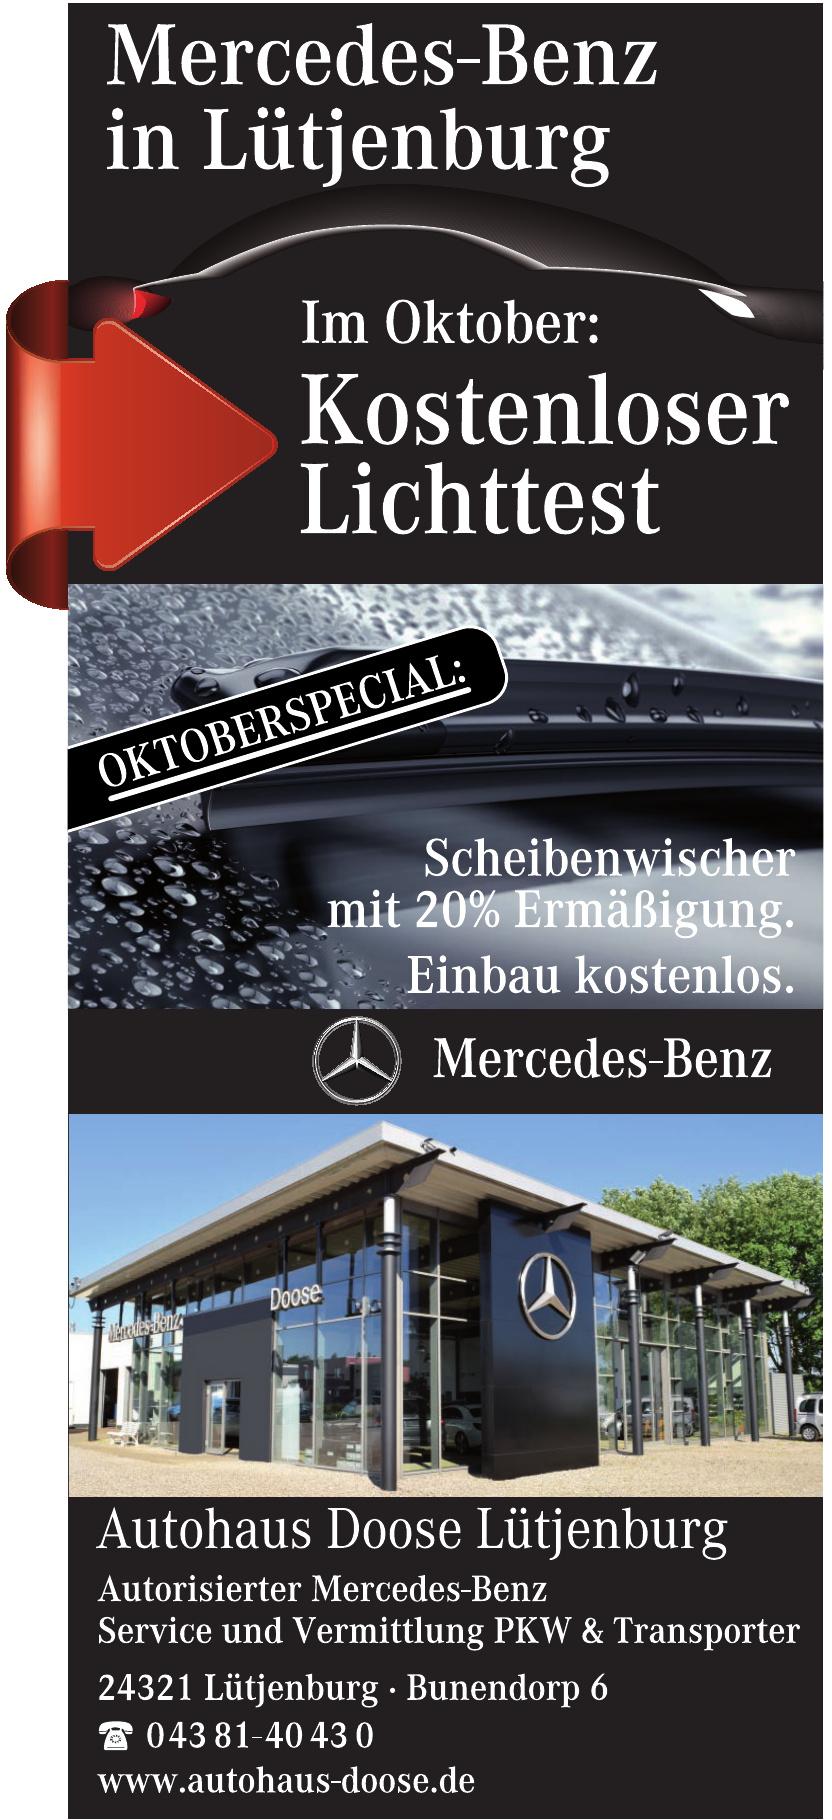 Autohaus Doose Lütjenburg